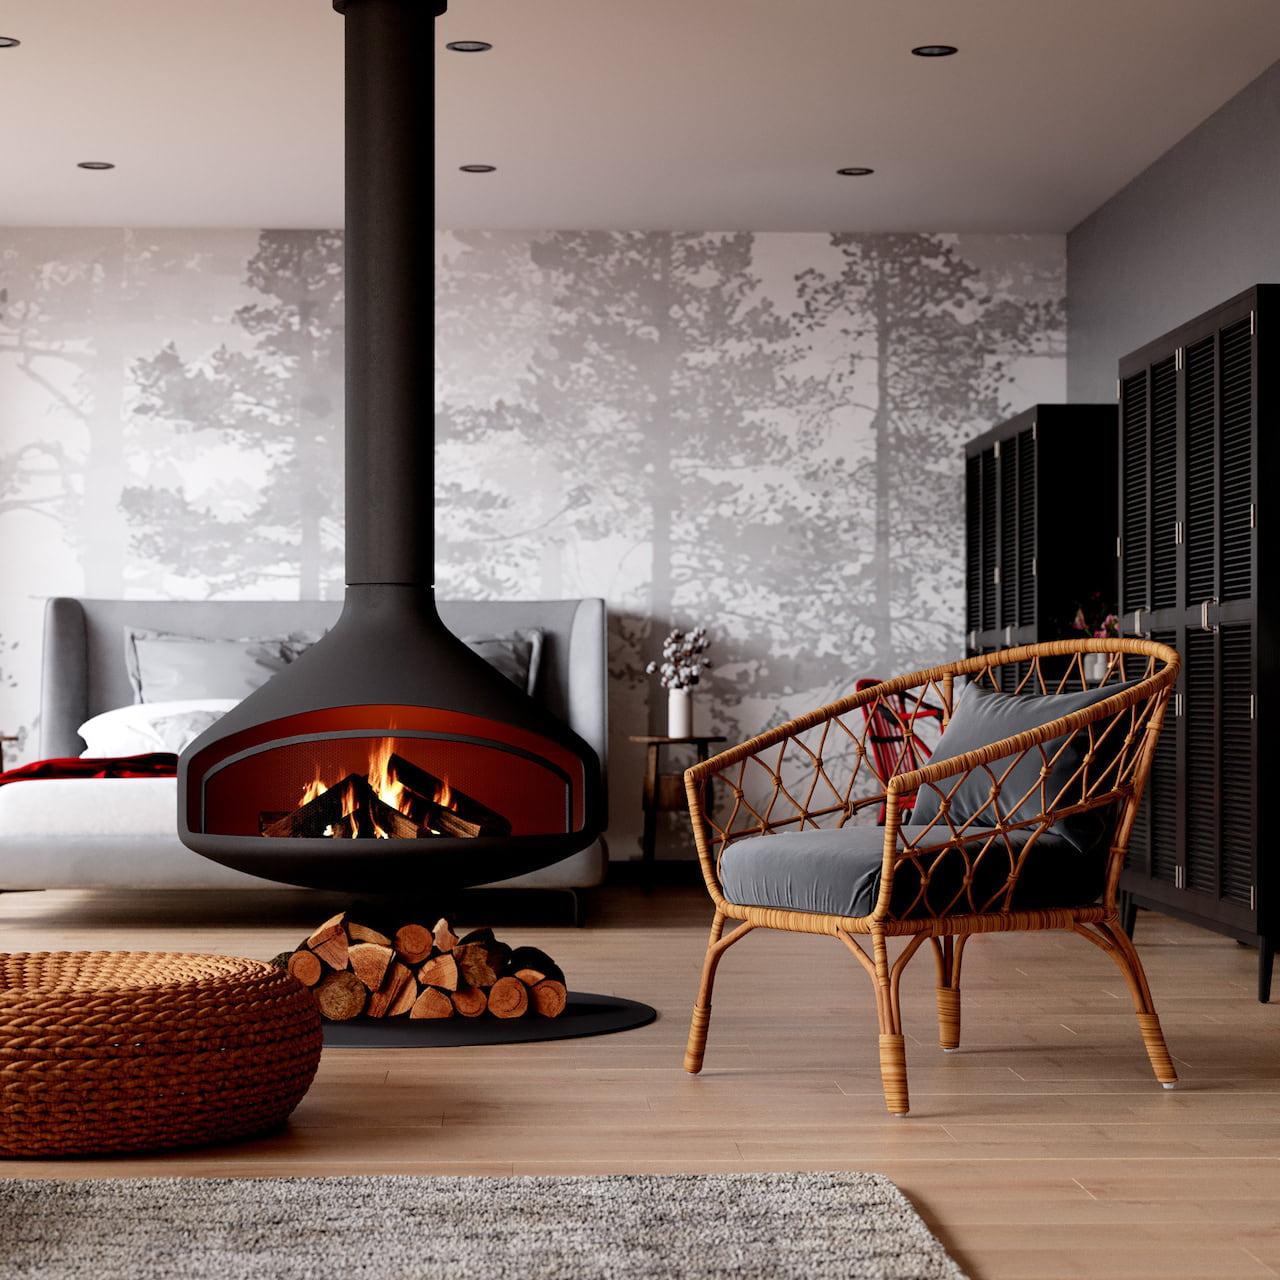 cheminée dans le salon intérieur photo 1